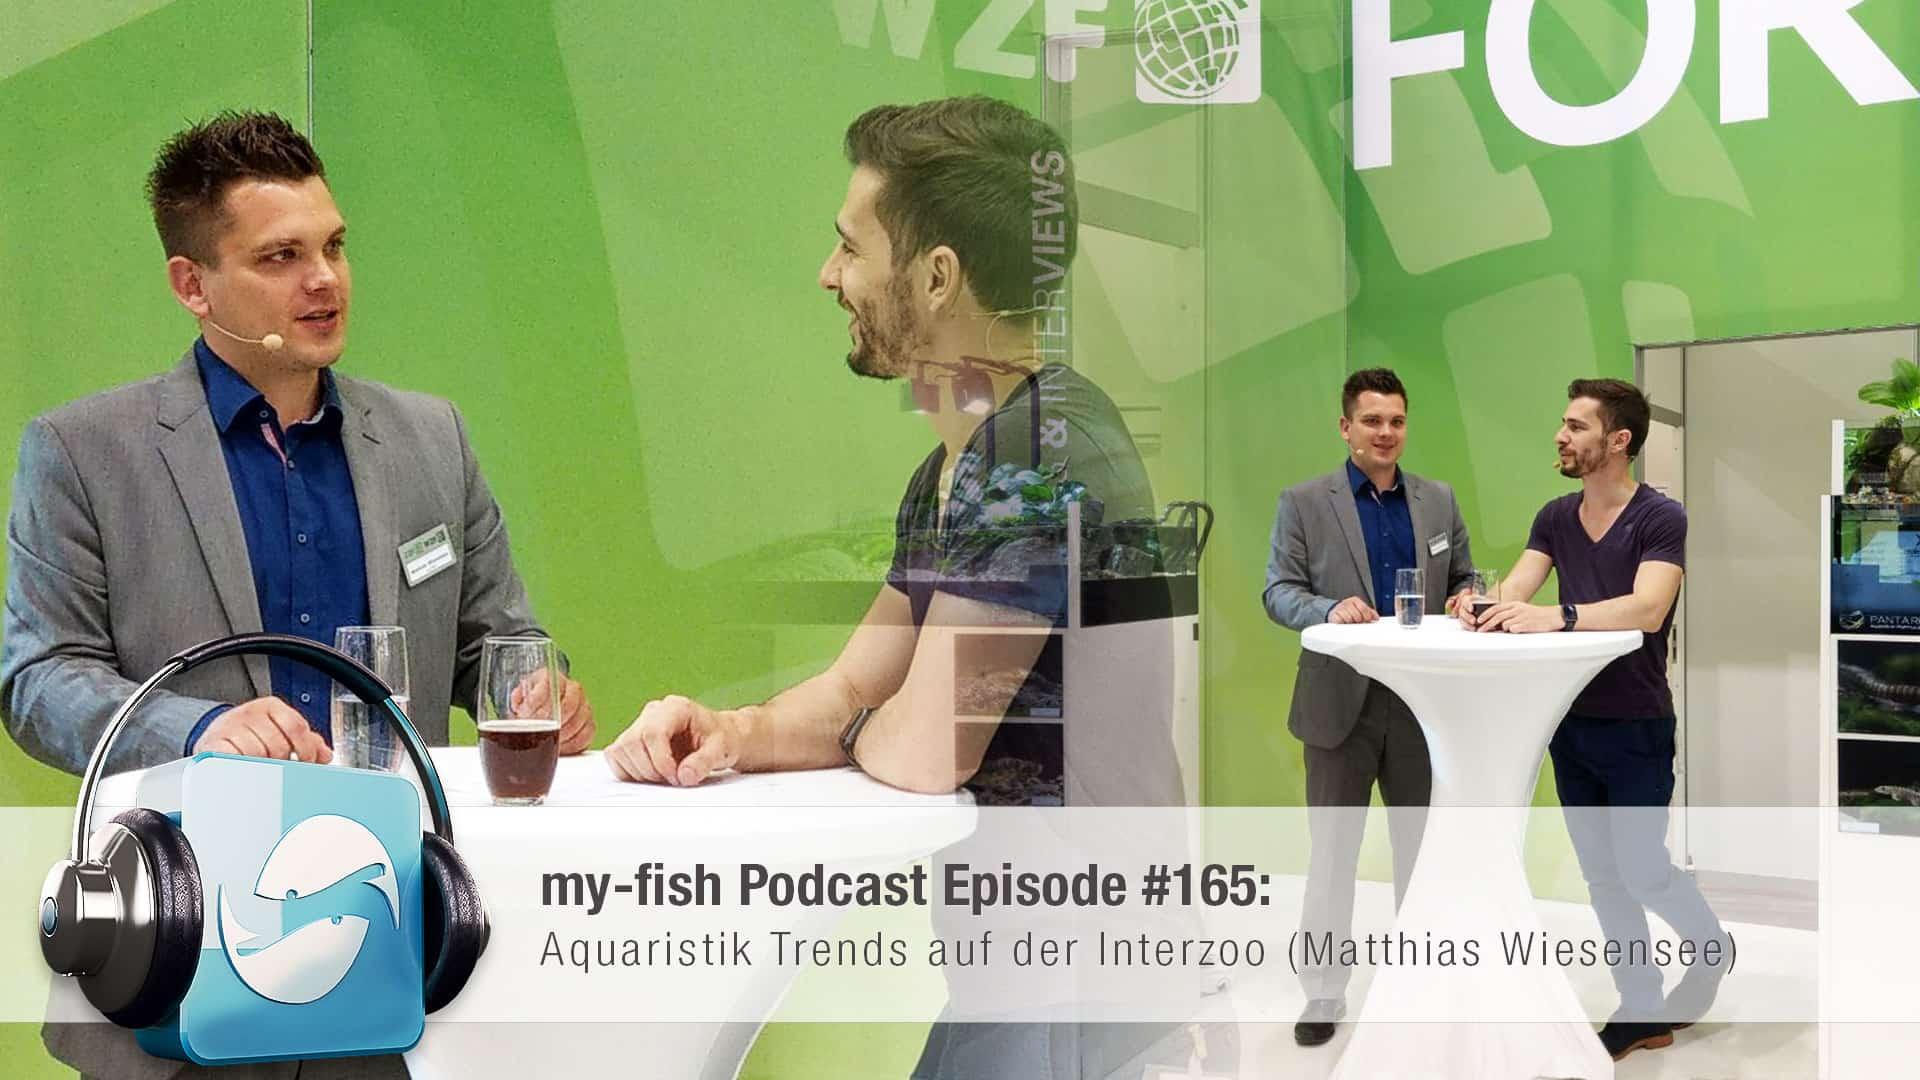 Podcast Episode #165: Aquaristik Trends auf der Interzoo (Matthias Wiesensee) 1